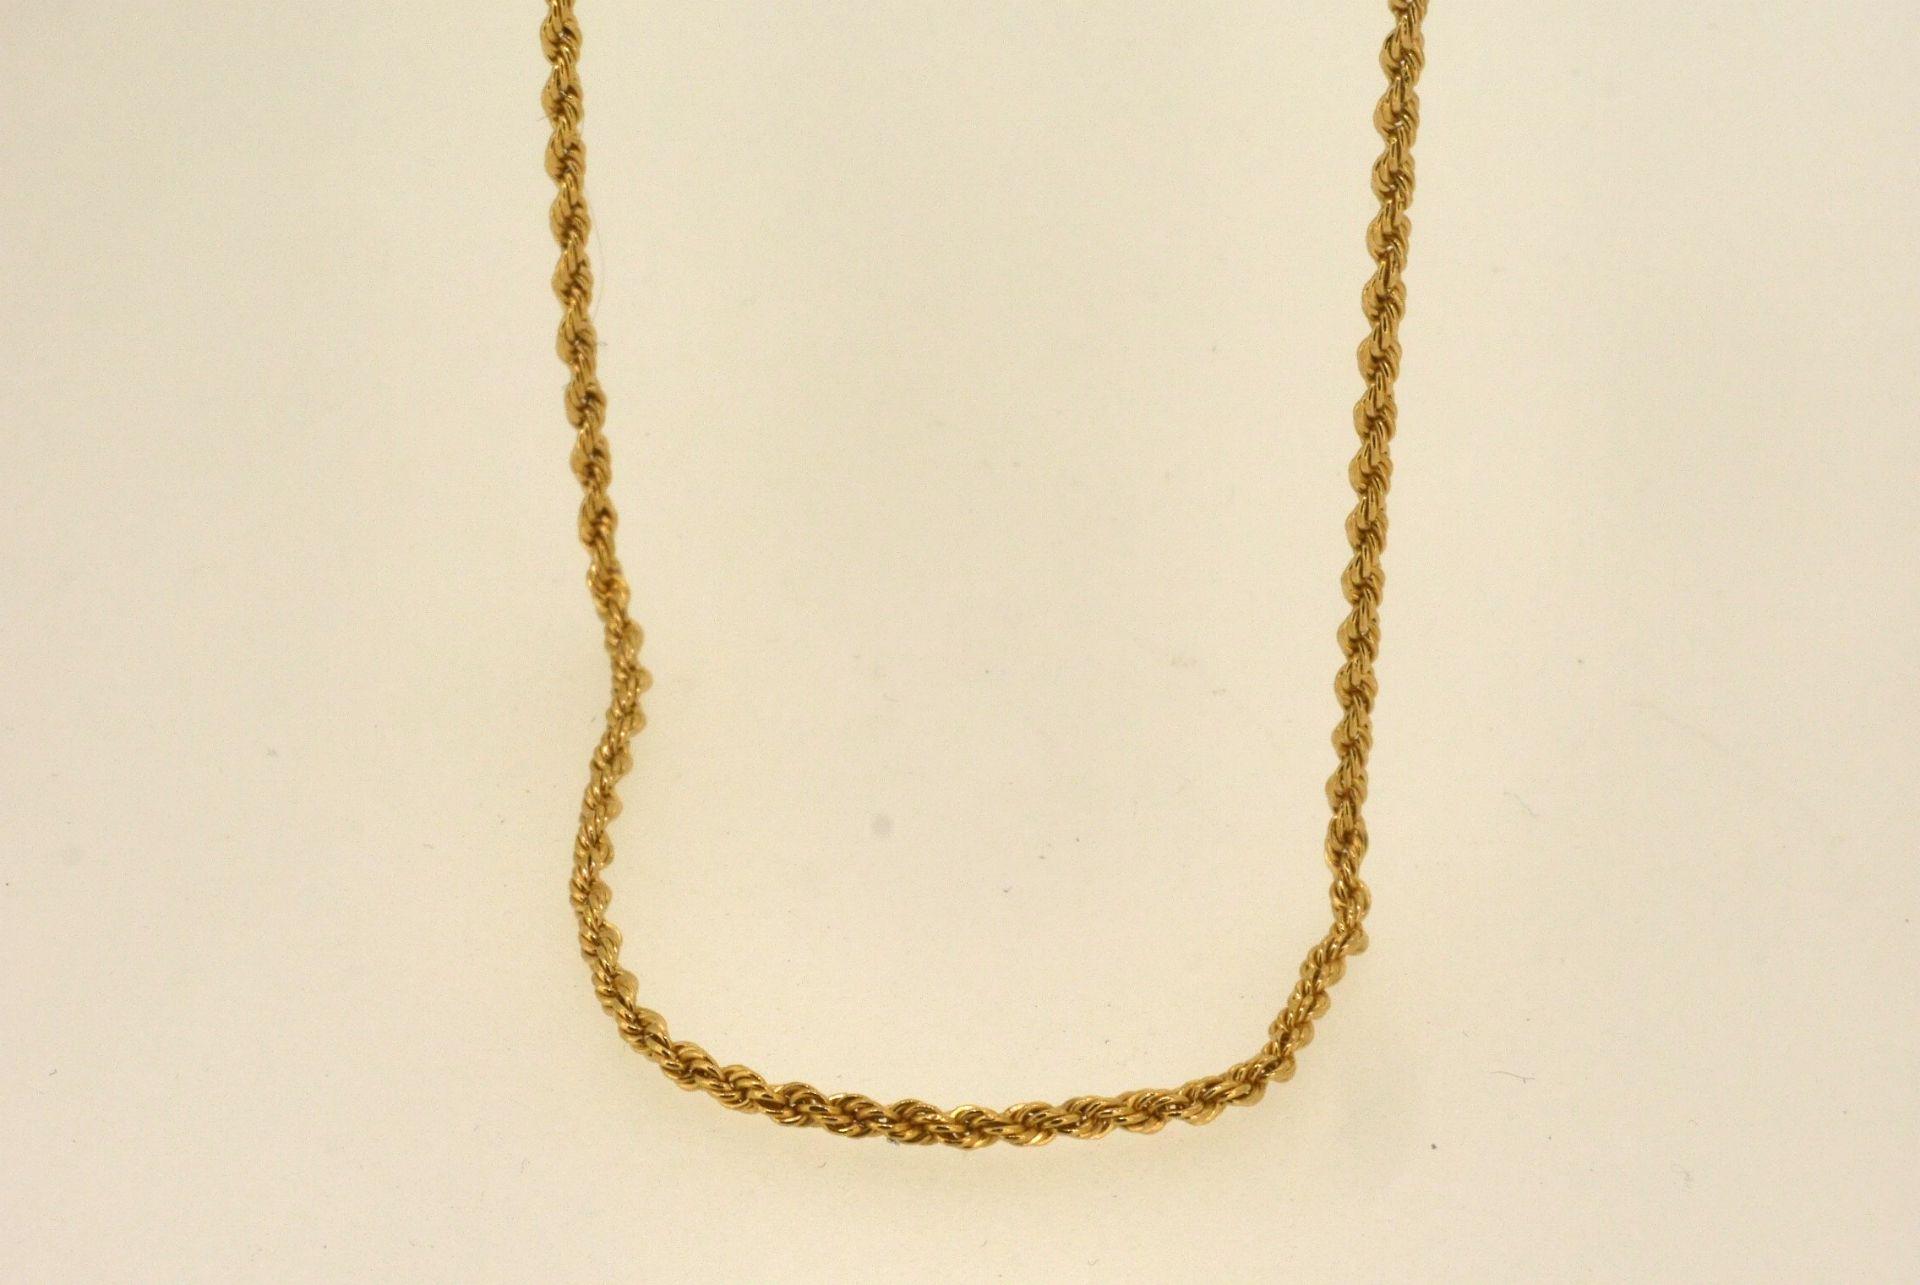 Kordellkette GG 750, 58 cm, 3,69 Gramm